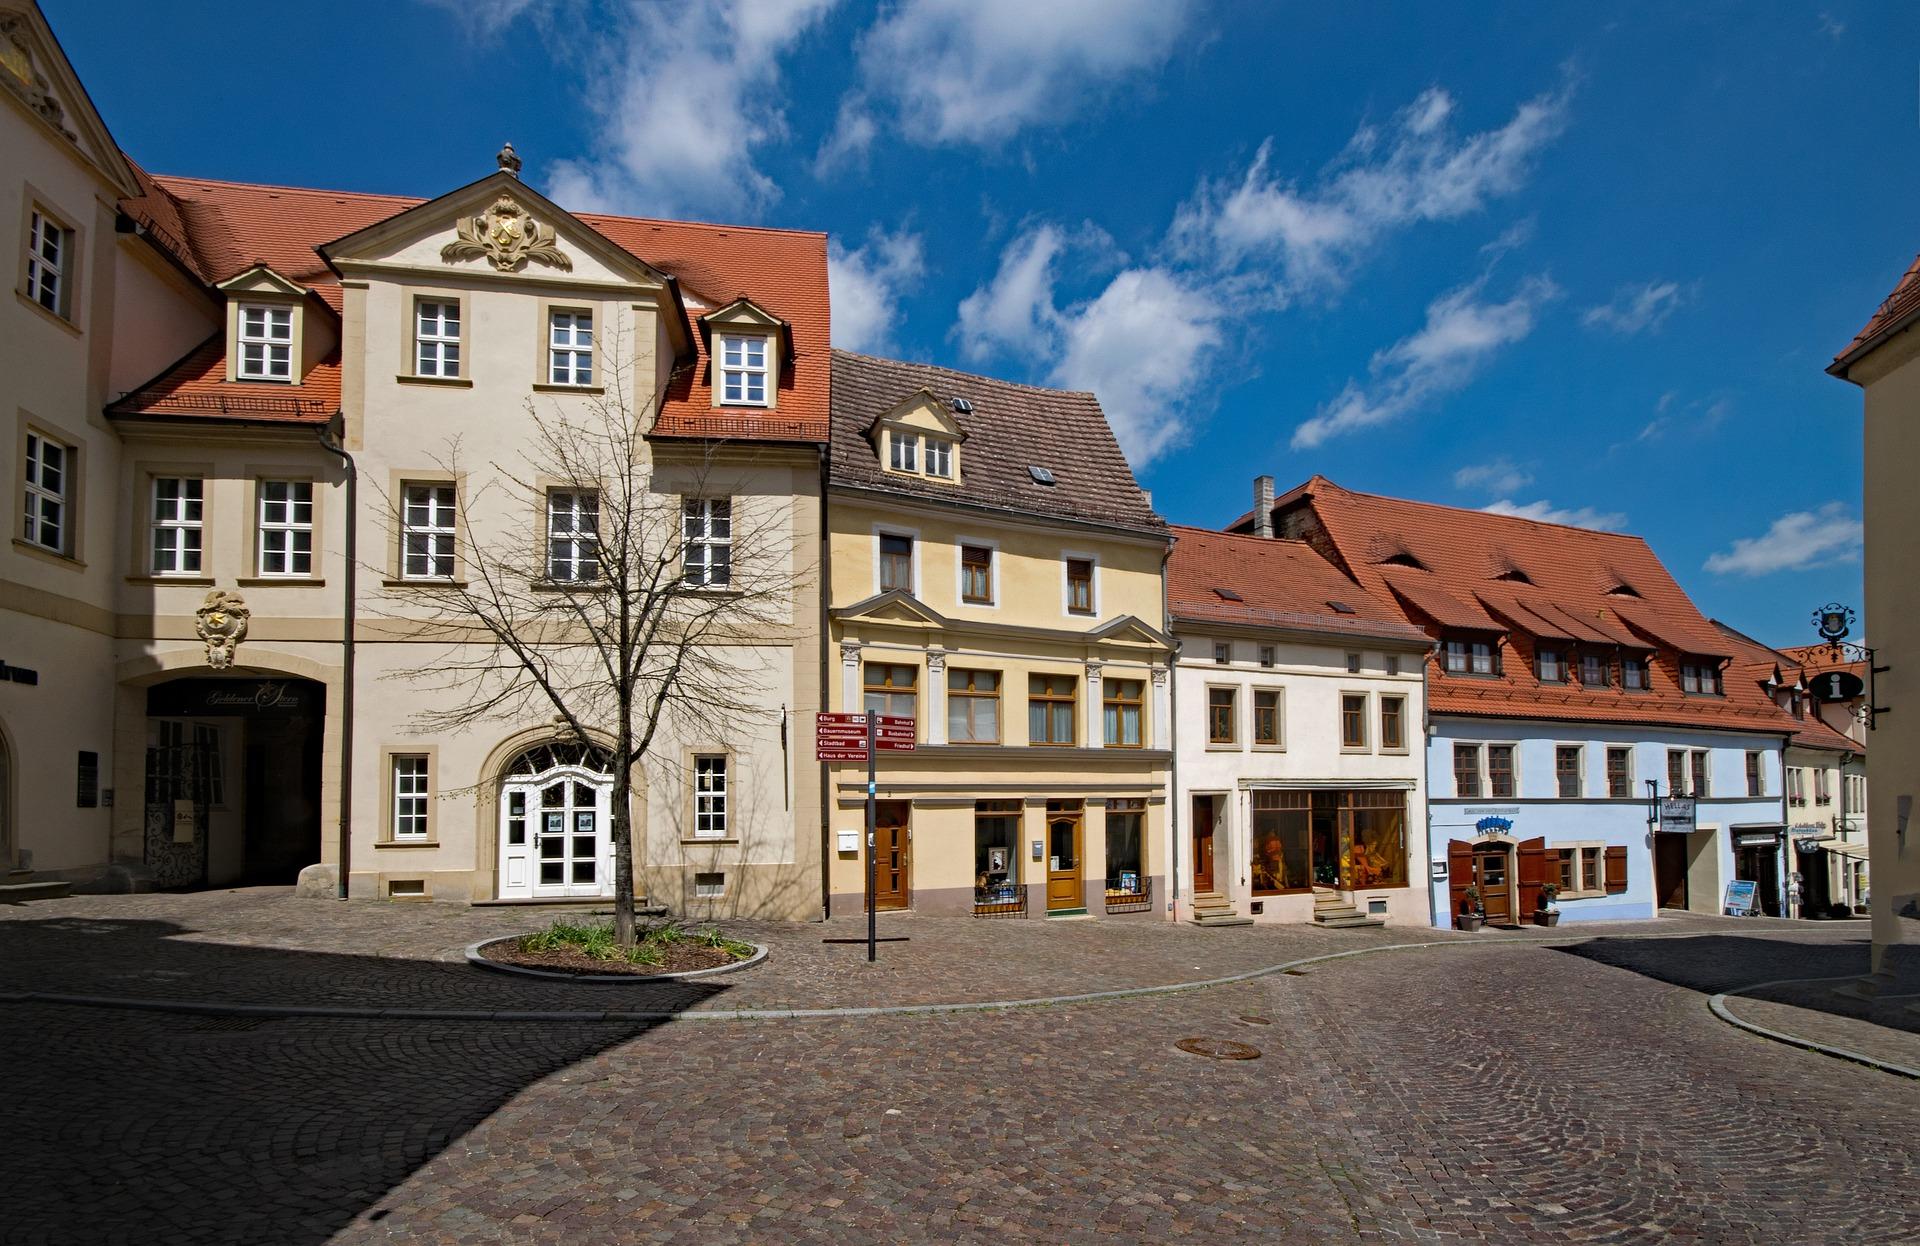 Altbausanierung Querfurt - Bausanierung, Fassade und mehr